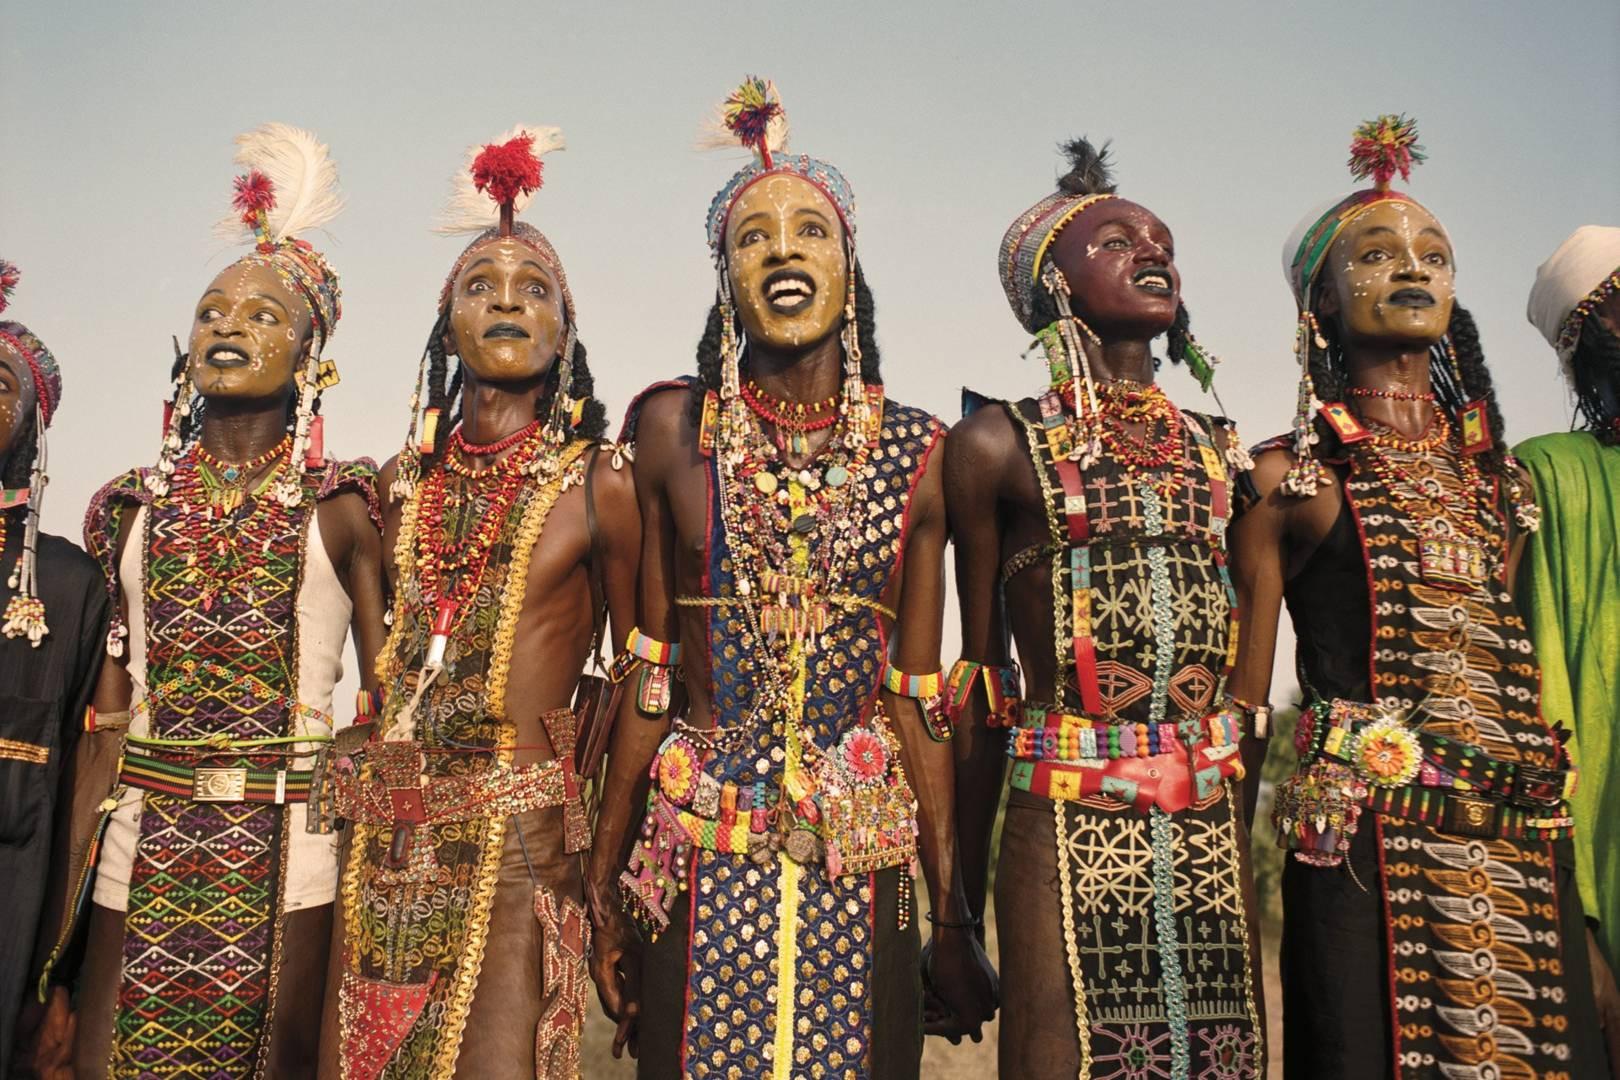 Khám phá đất nước ở Châu Phi bị Covid-19 'lãng quên' - 3